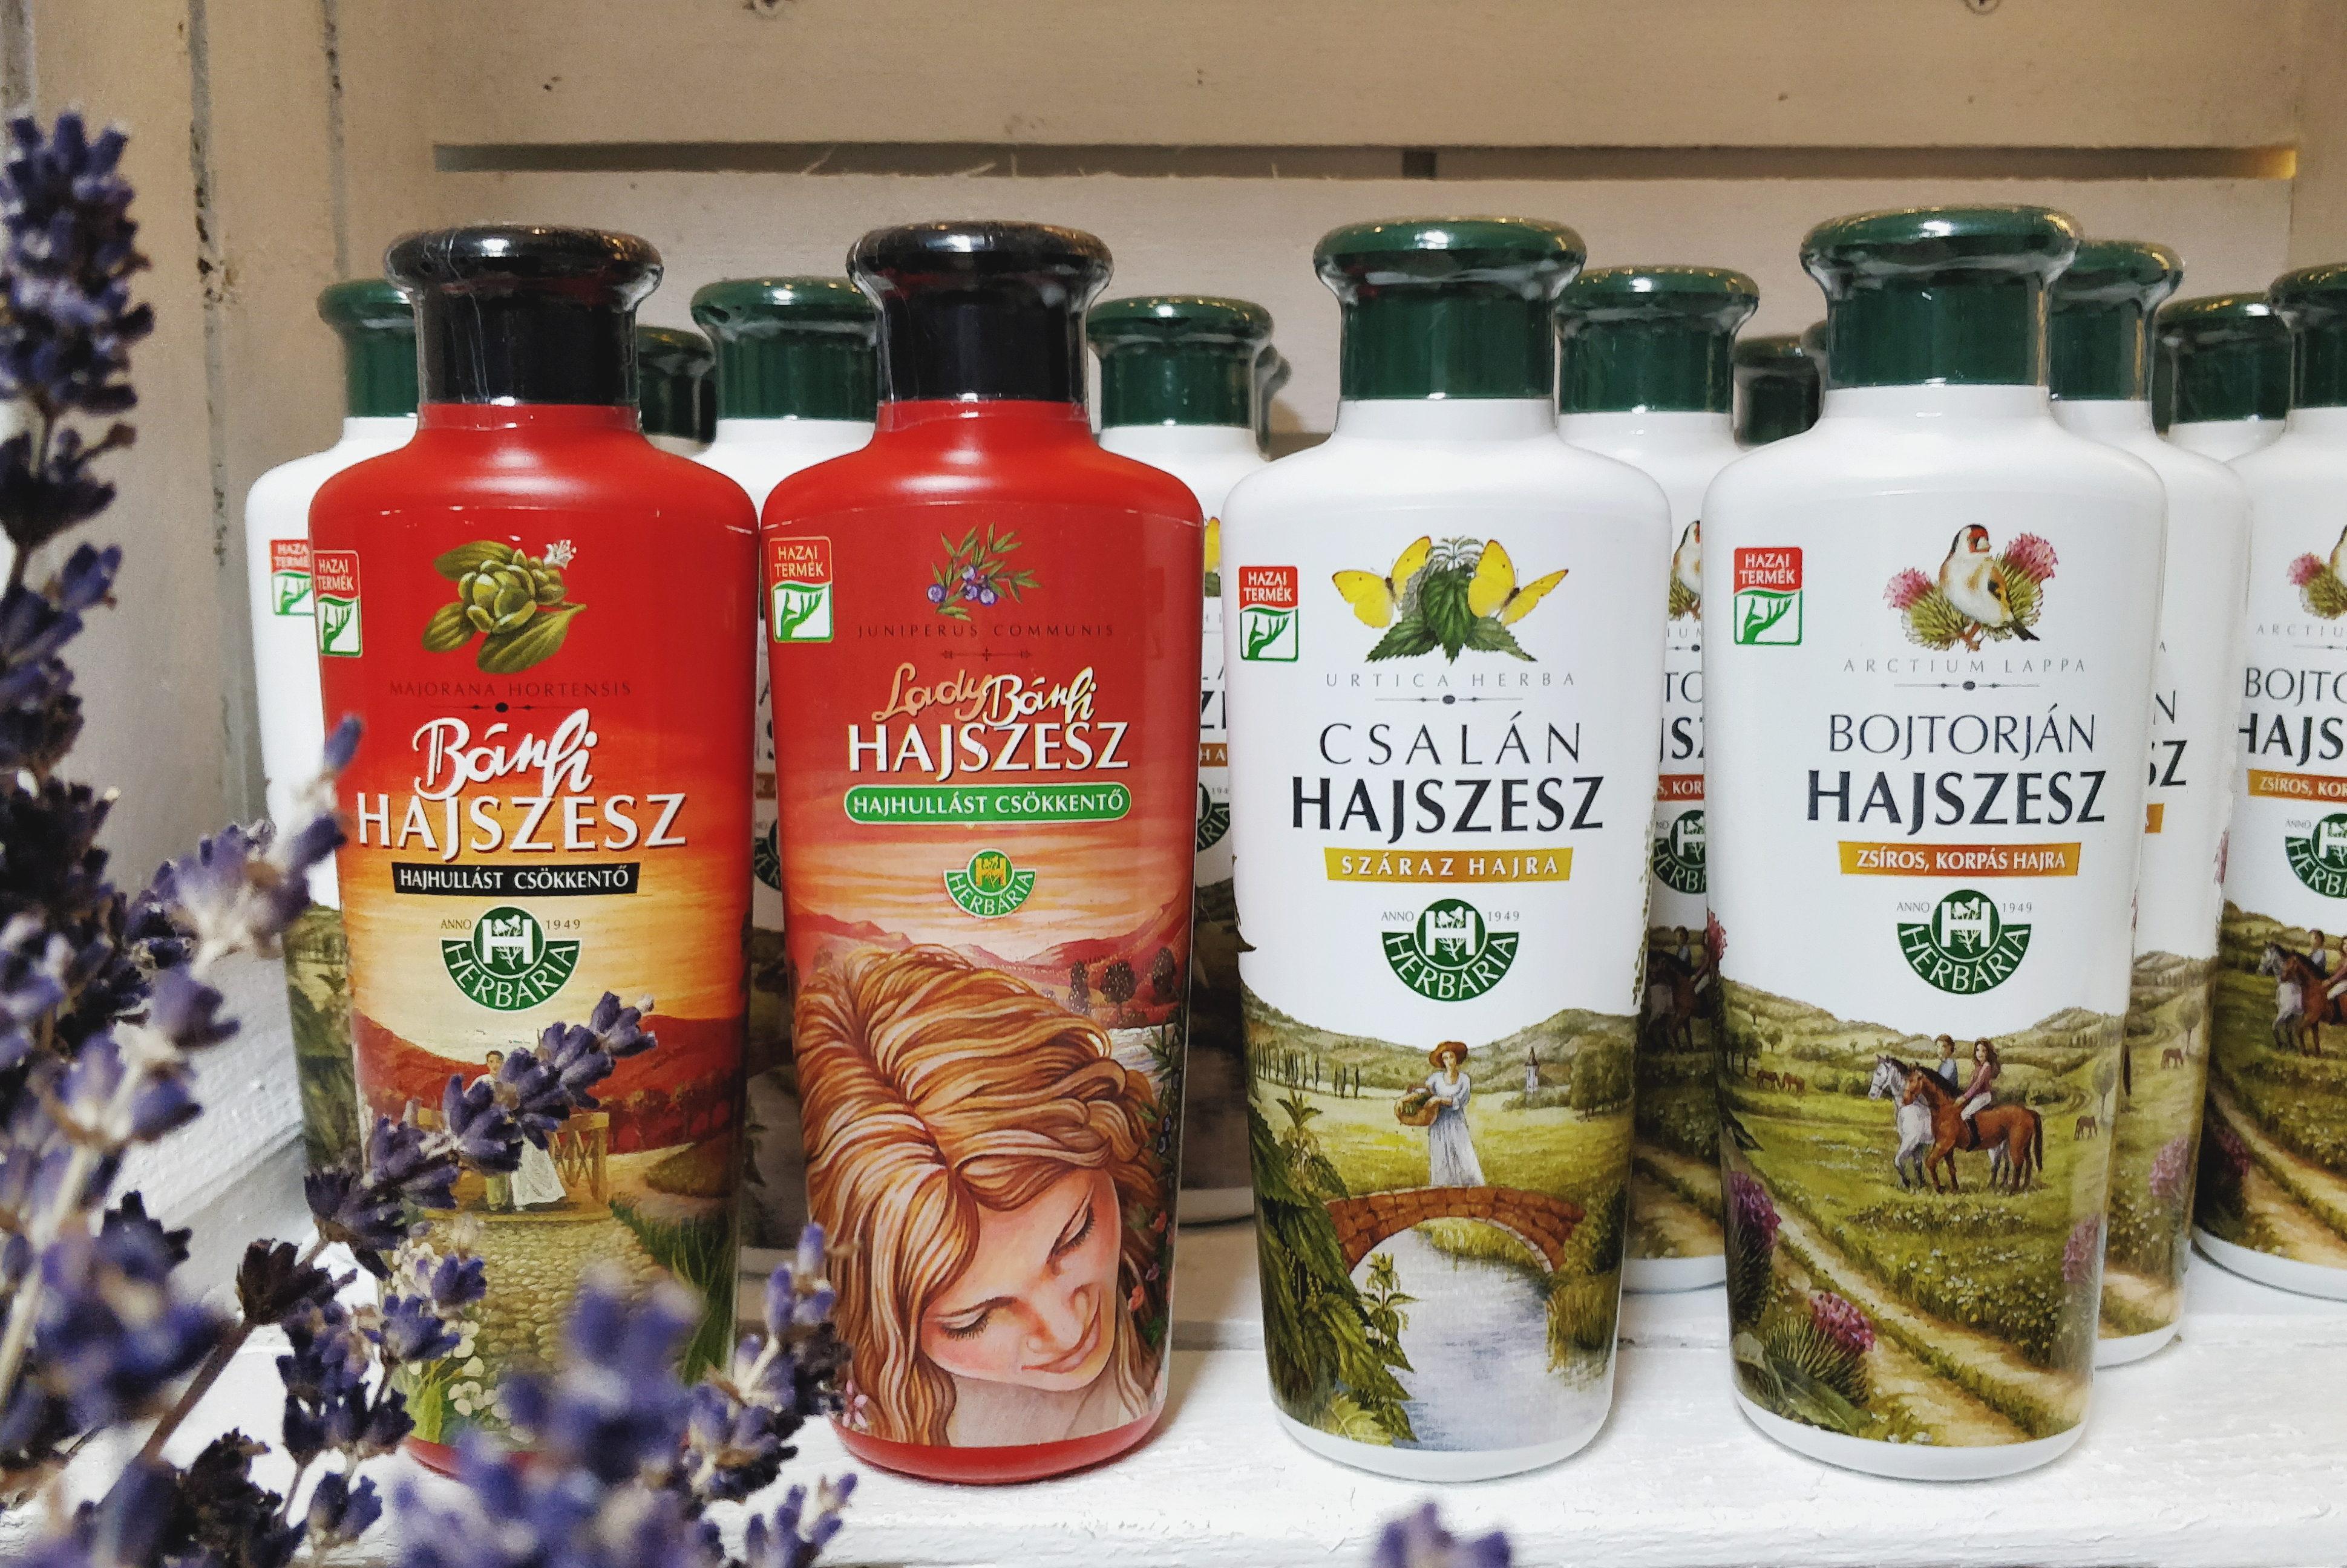 produkty banfi